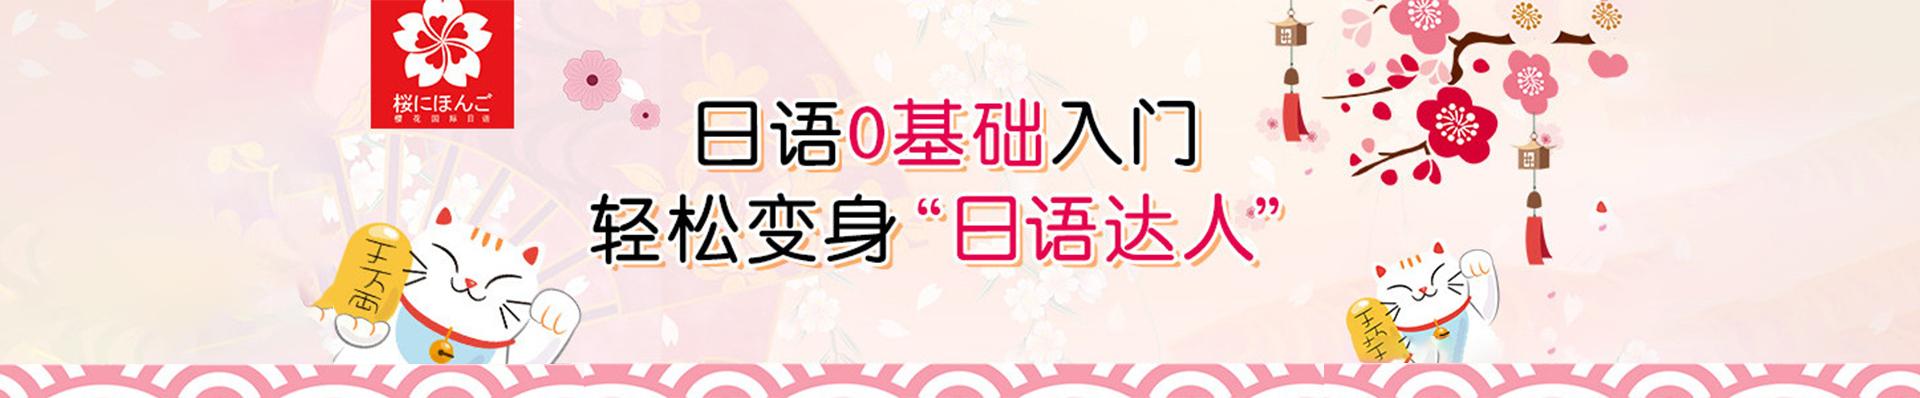 西安樱花日语精品课程